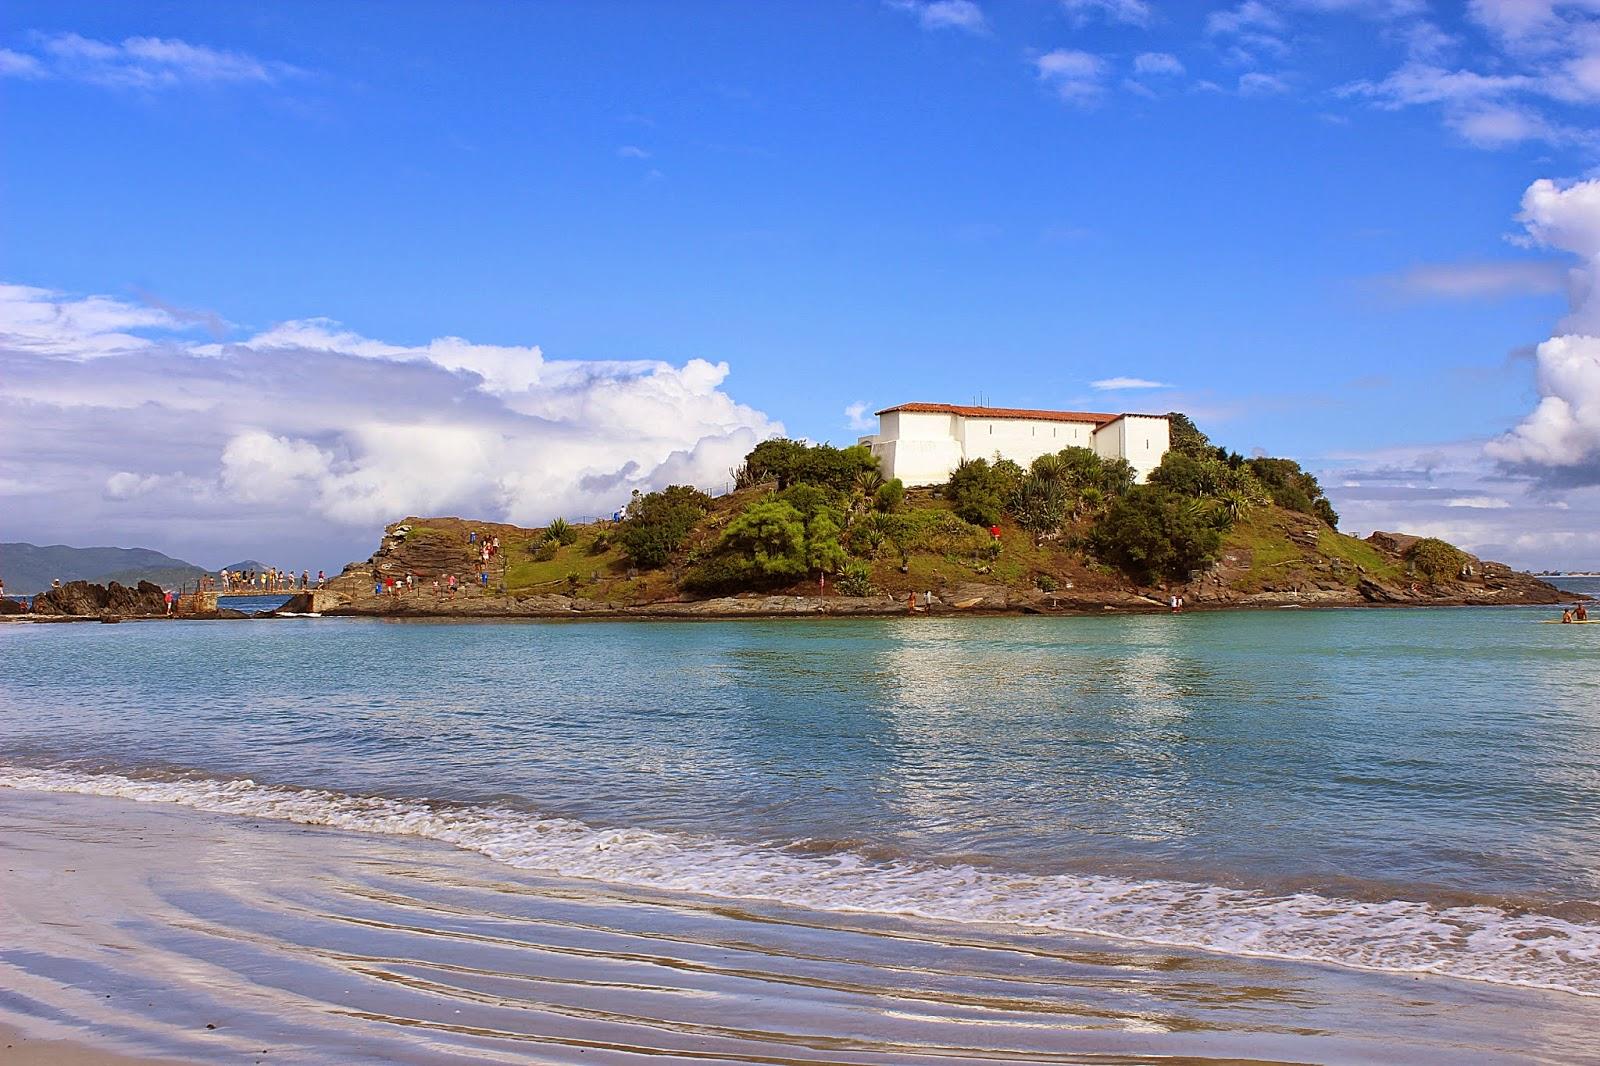 Praia do Forte em Cabo Frio